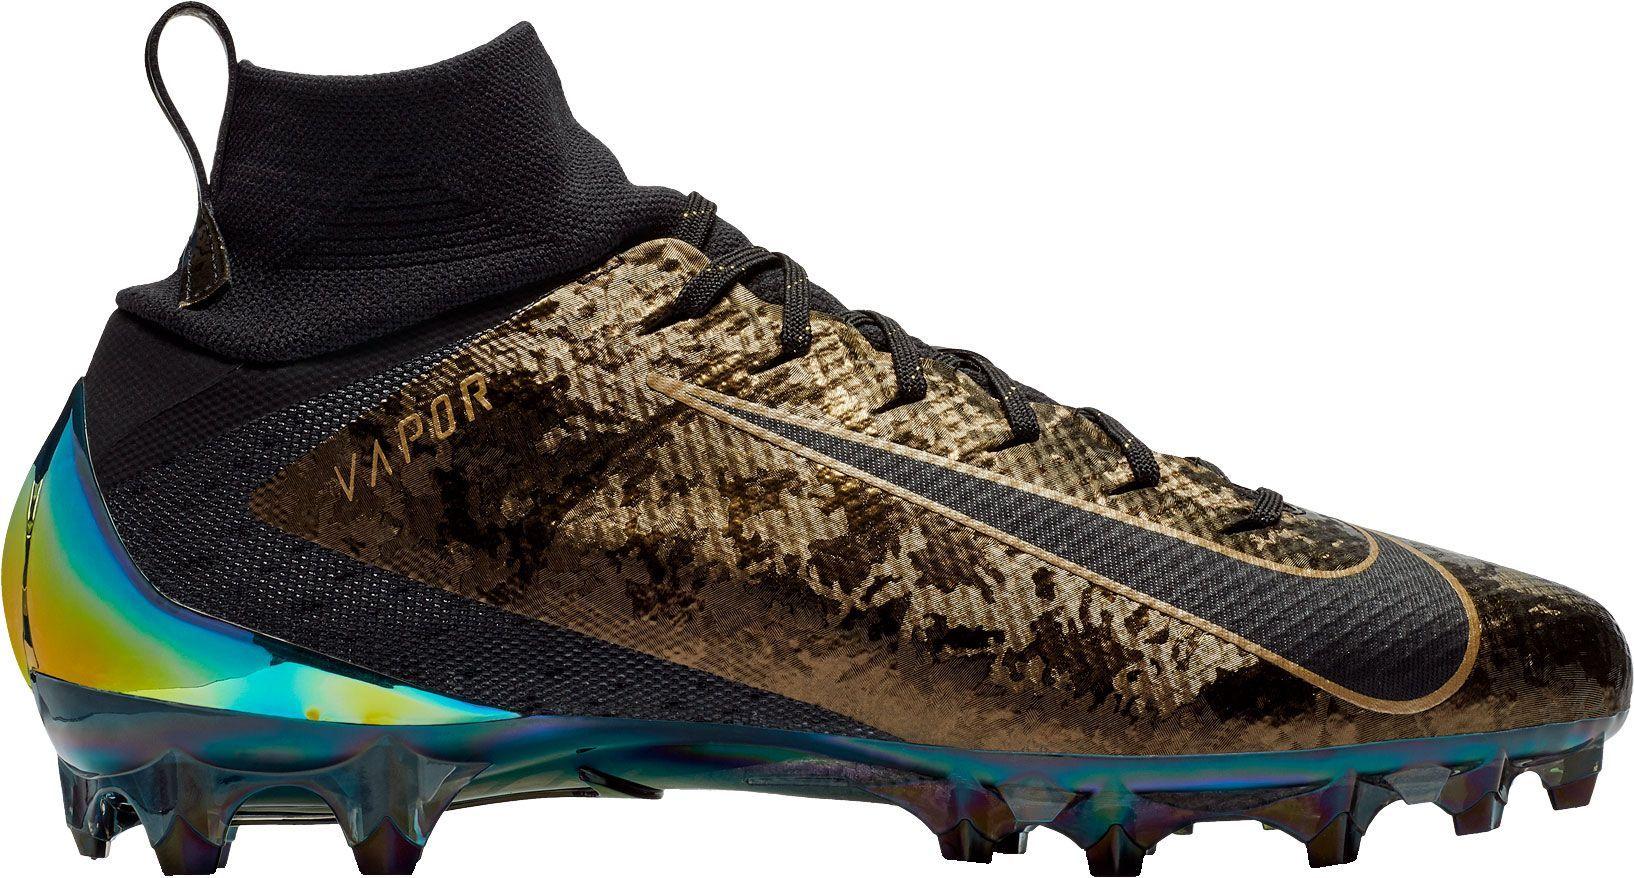 333d197fb445 Nike Men's Vapor Untouchable Pro 3 PRM Football Cleats, Size: 11.0, Black